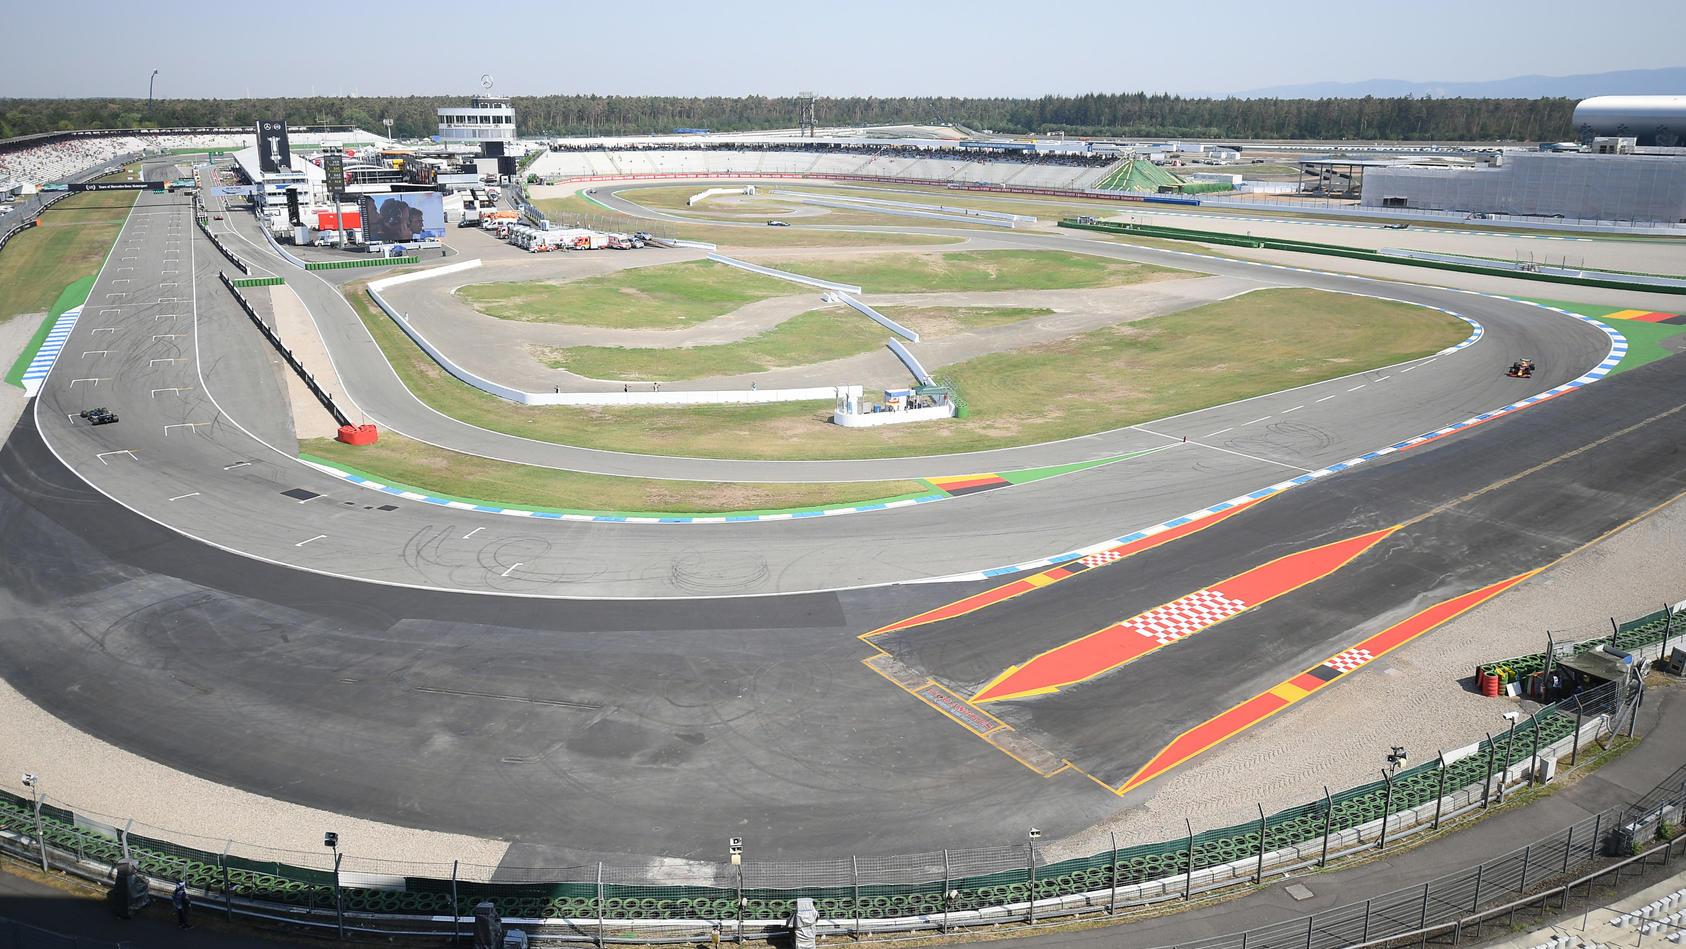 Hockenheimring - Formel 1